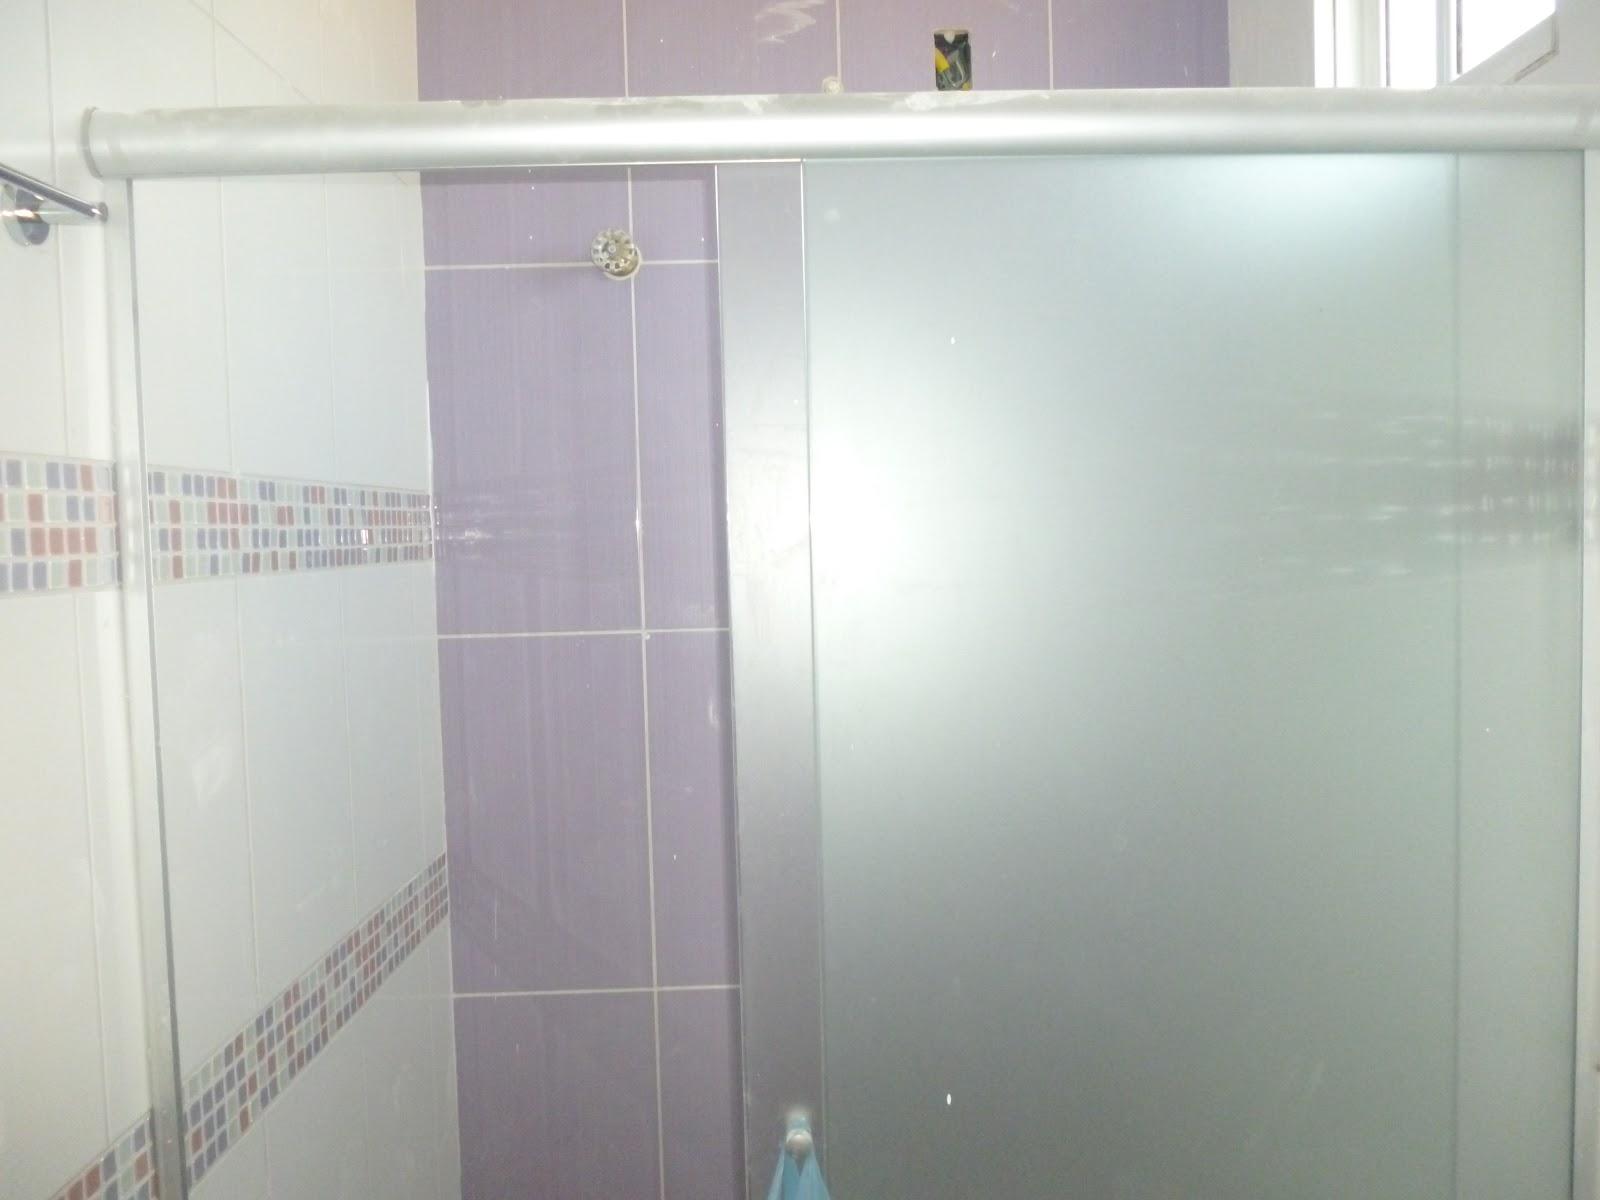 BOX PARA BANHEIRO EM VIDRO TEMPERADO INCOLOR C/PELÍCULA JATEADA #73694B 1600x1200 Banheiro Branco Fosco